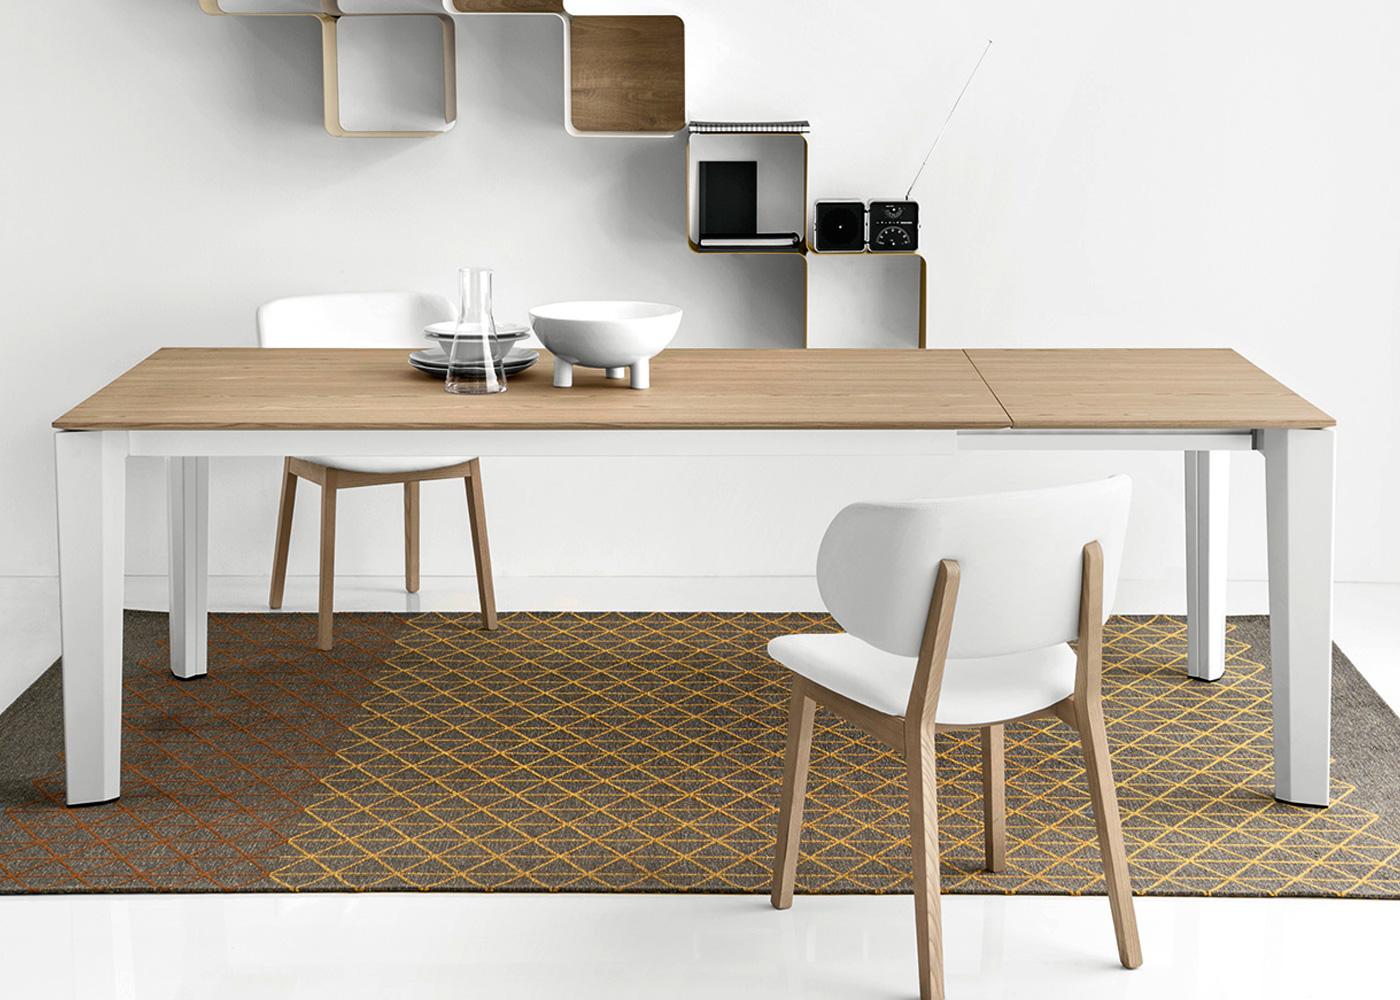 calligaris sofas uk evan sofa delta table medium midfurn furniture superstore